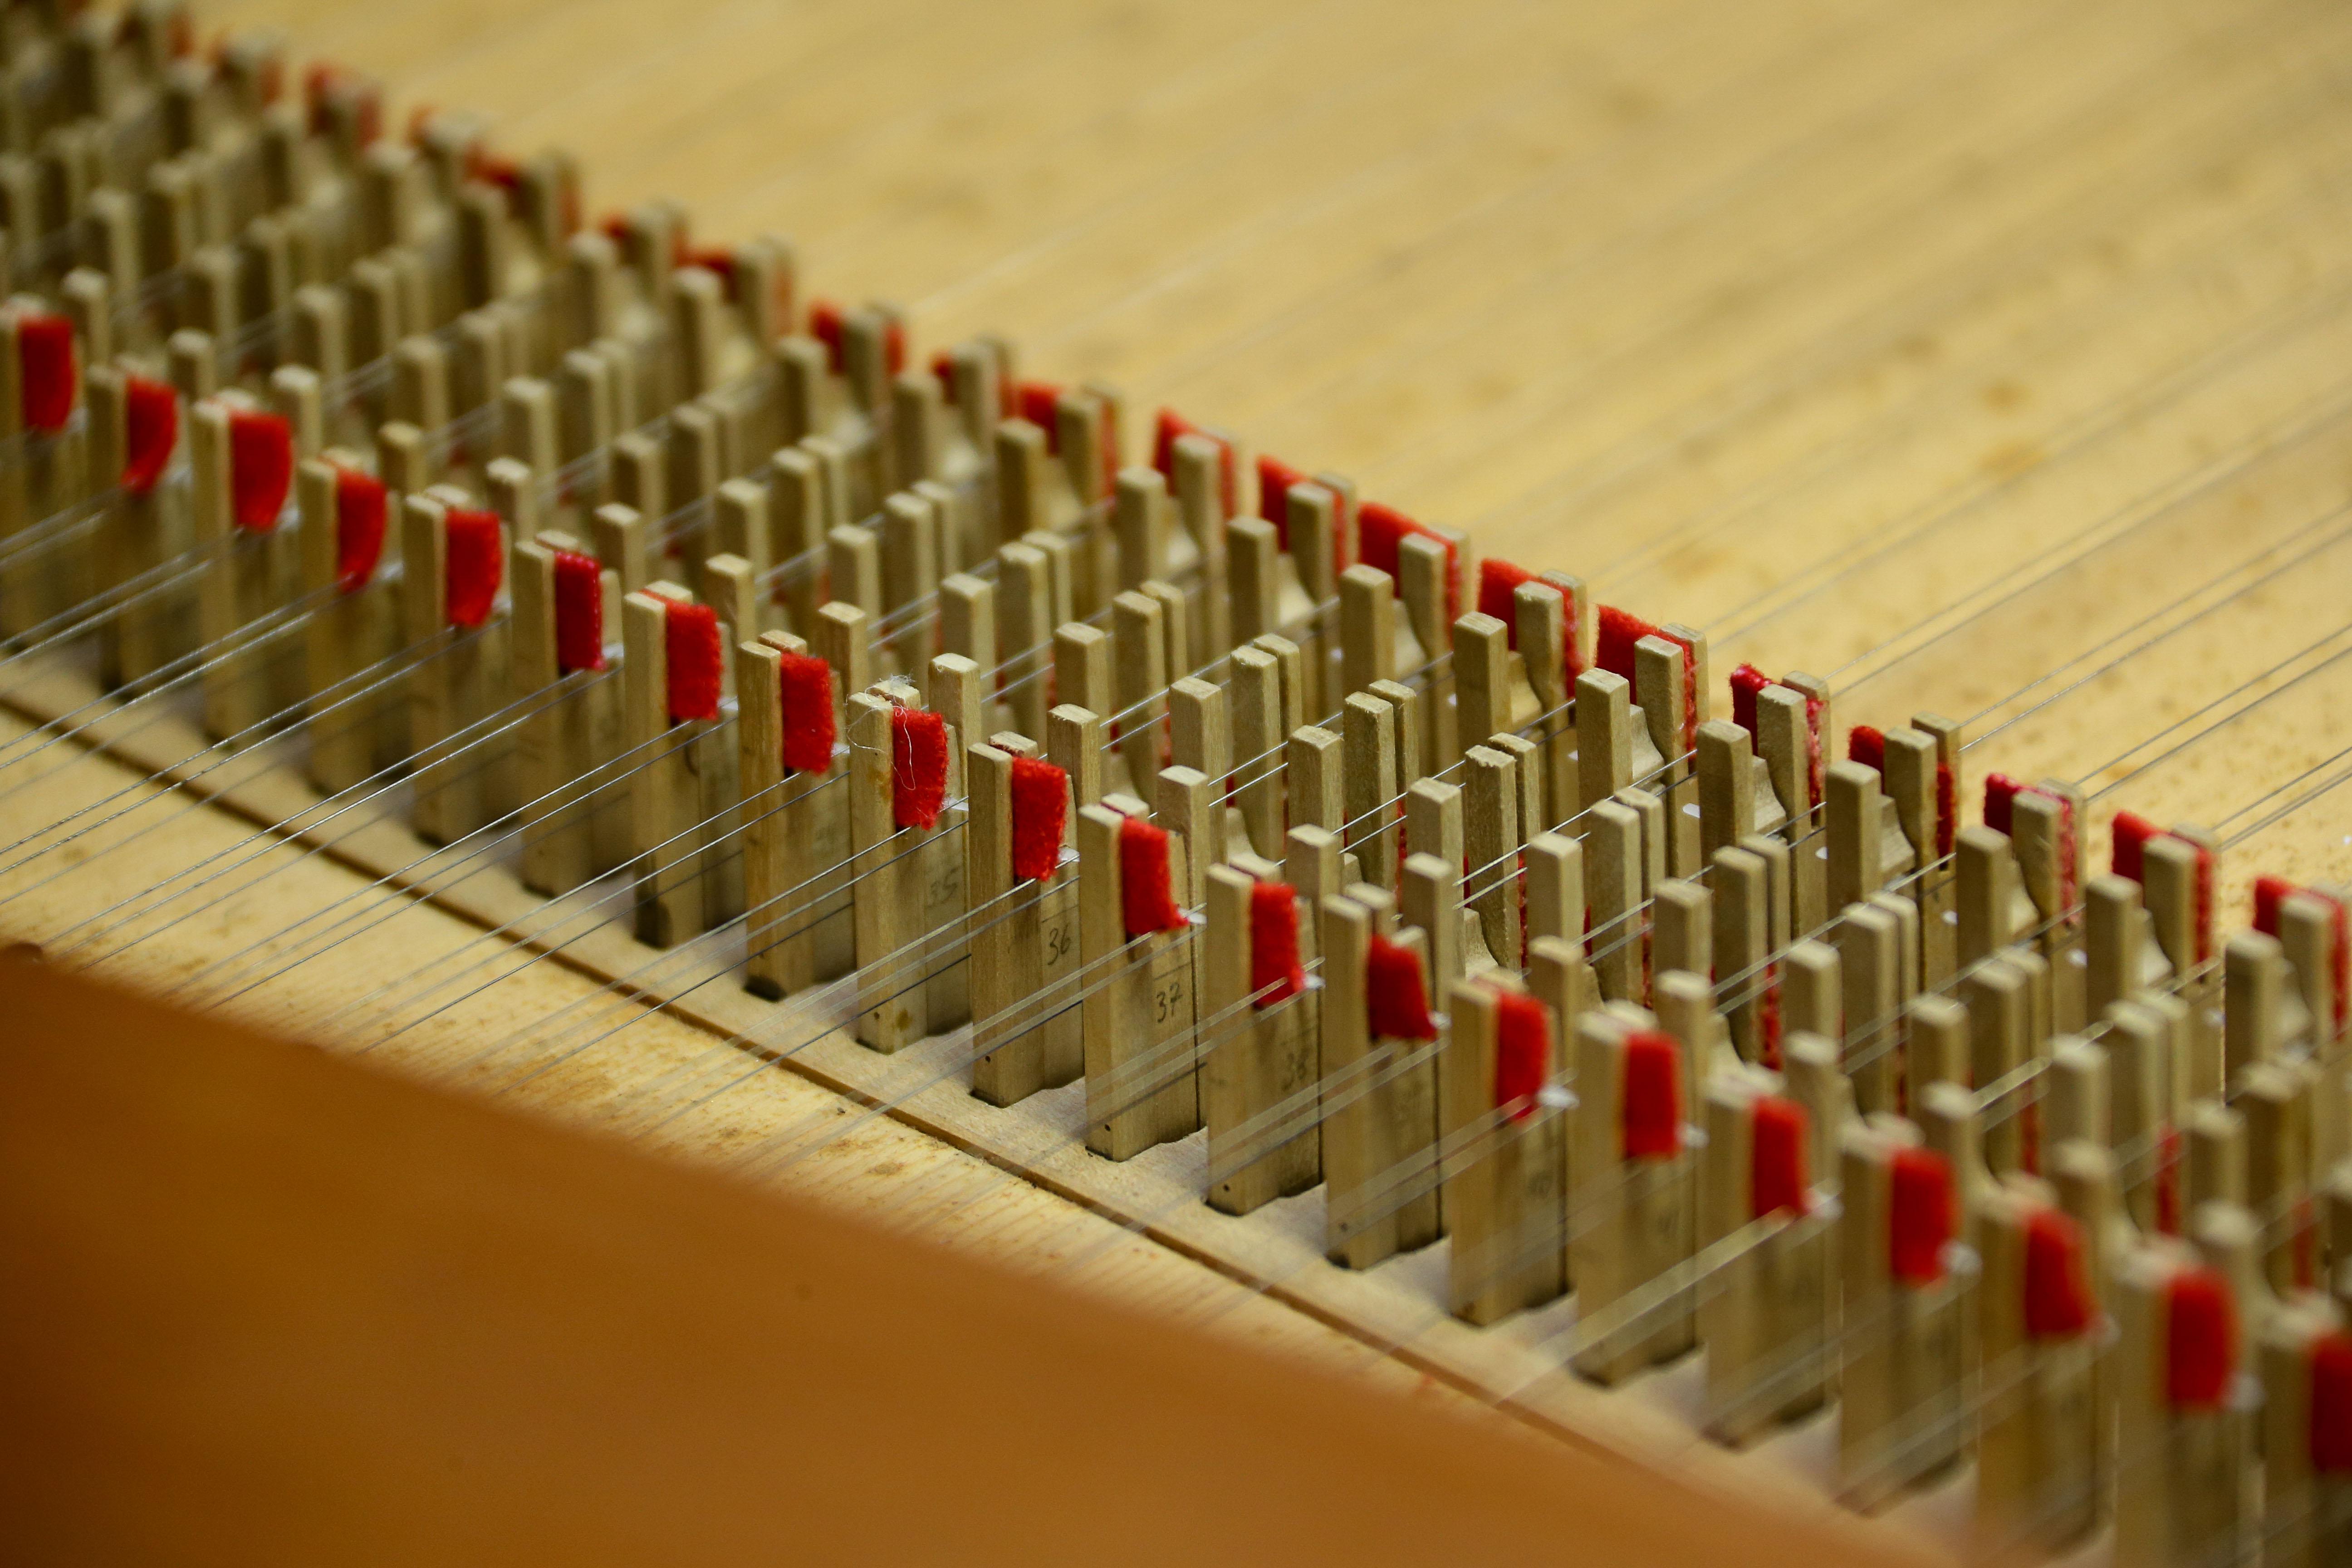 Detalhe do mecanismo saltador do cravo. foto Cecília Bastos/Usp Imagens